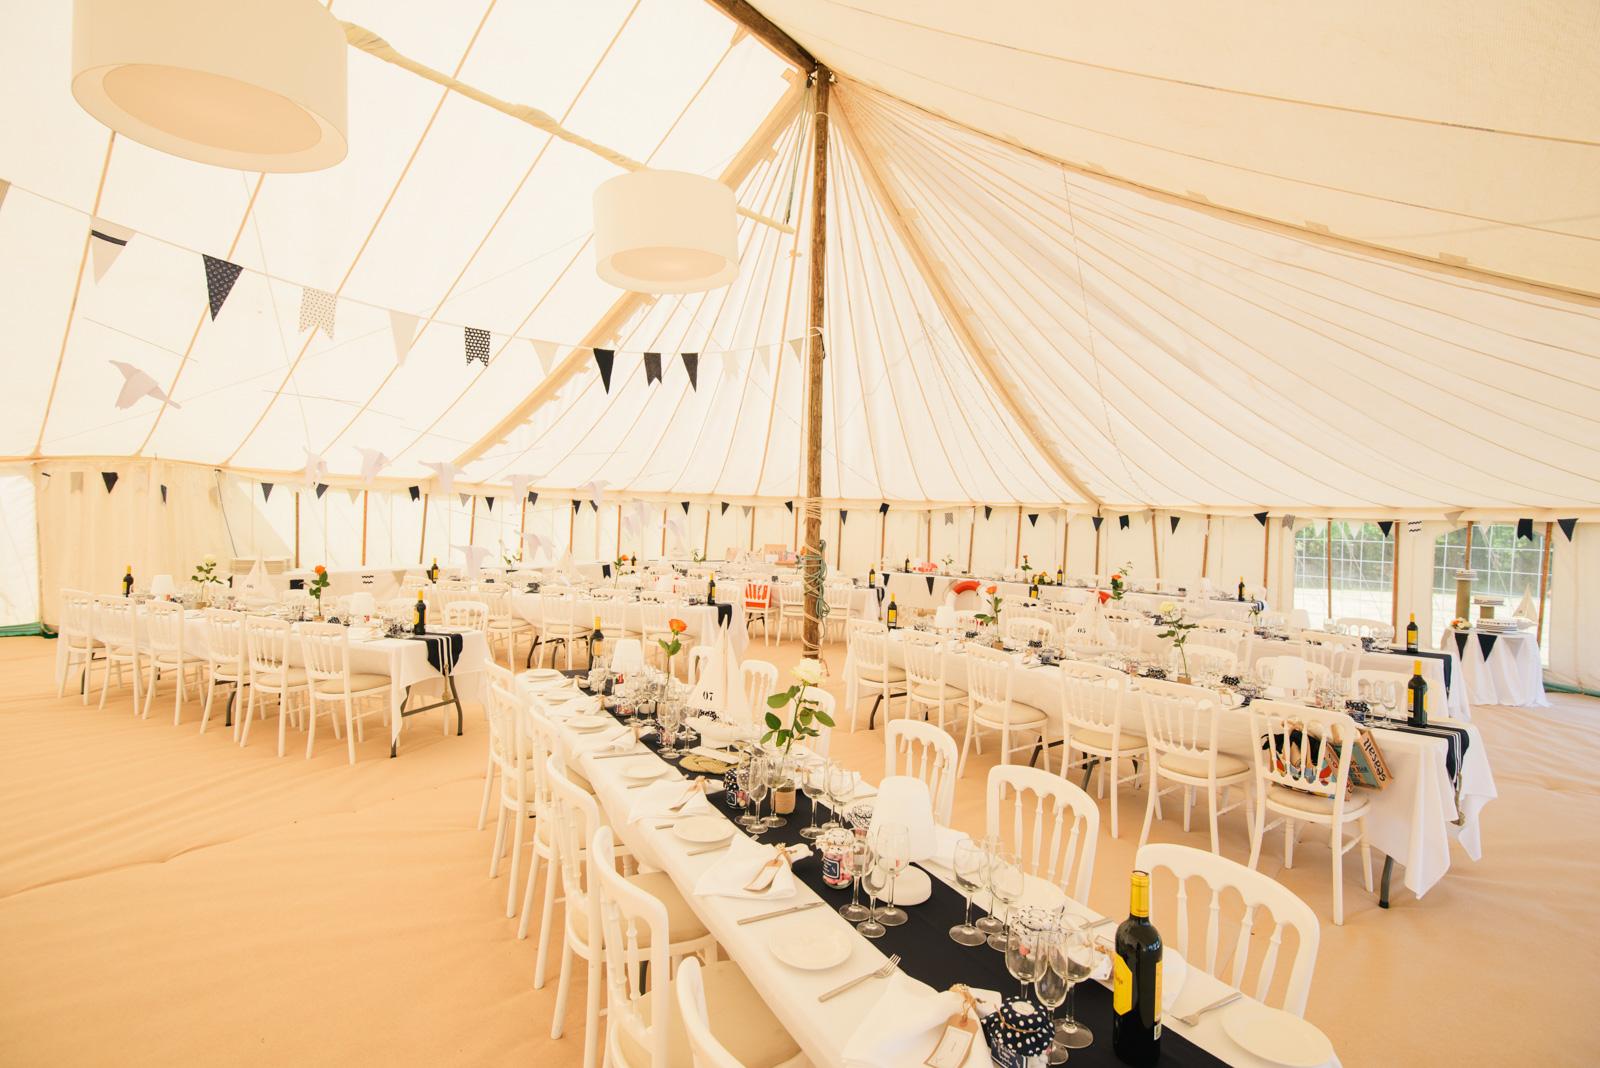 mylor-church-wedding-74.jpg